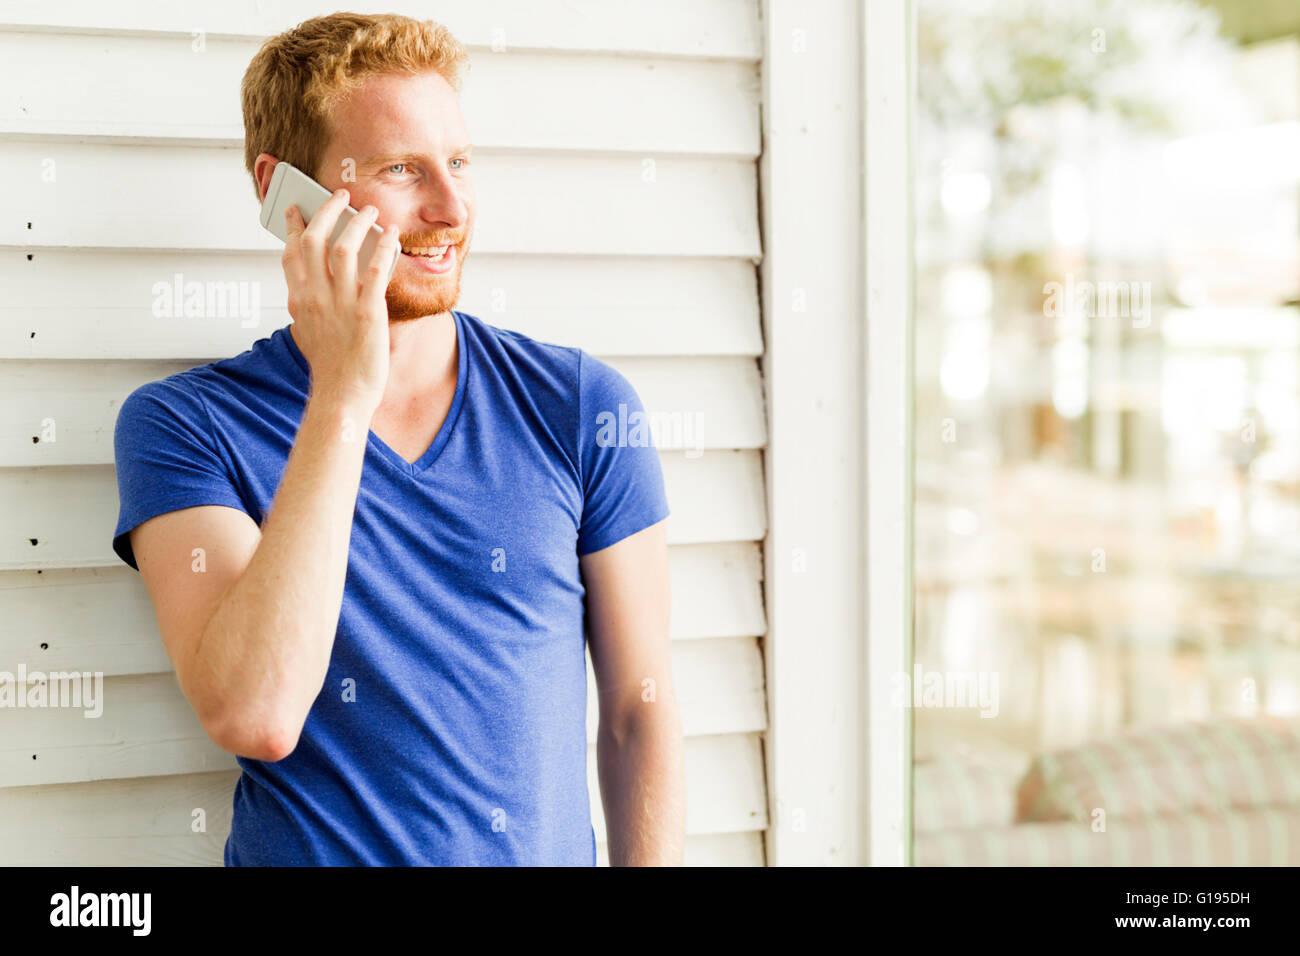 Glücklich roten Haaren hübscher Mann mit Handy und lächelnd an einem Sommertag Stockbild